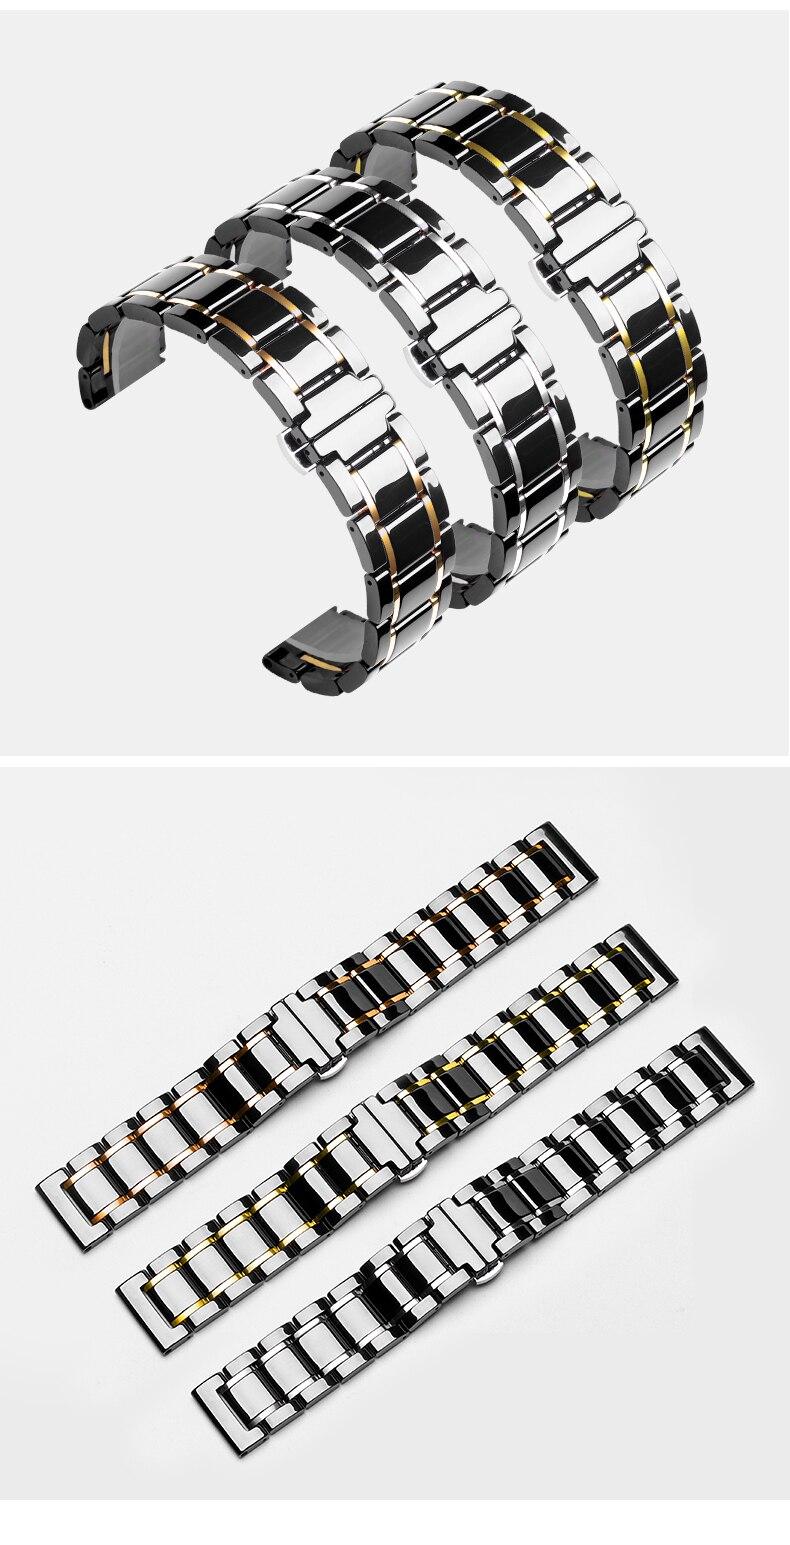 relógio inteligente compatível substituição cinta espelho suave